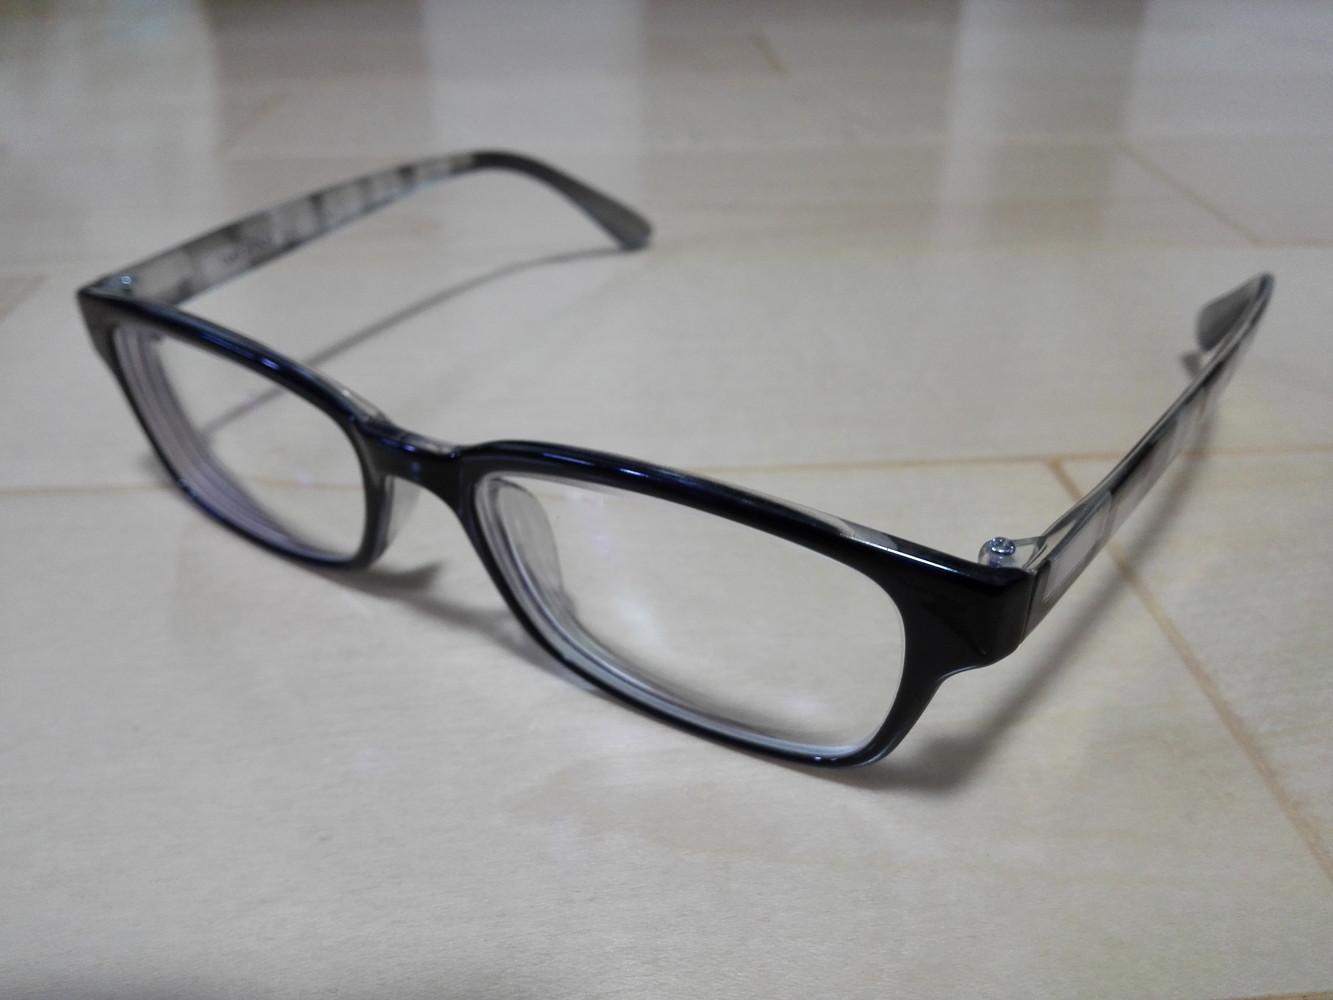 眼鏡のレンズのコーティングを剥がしました